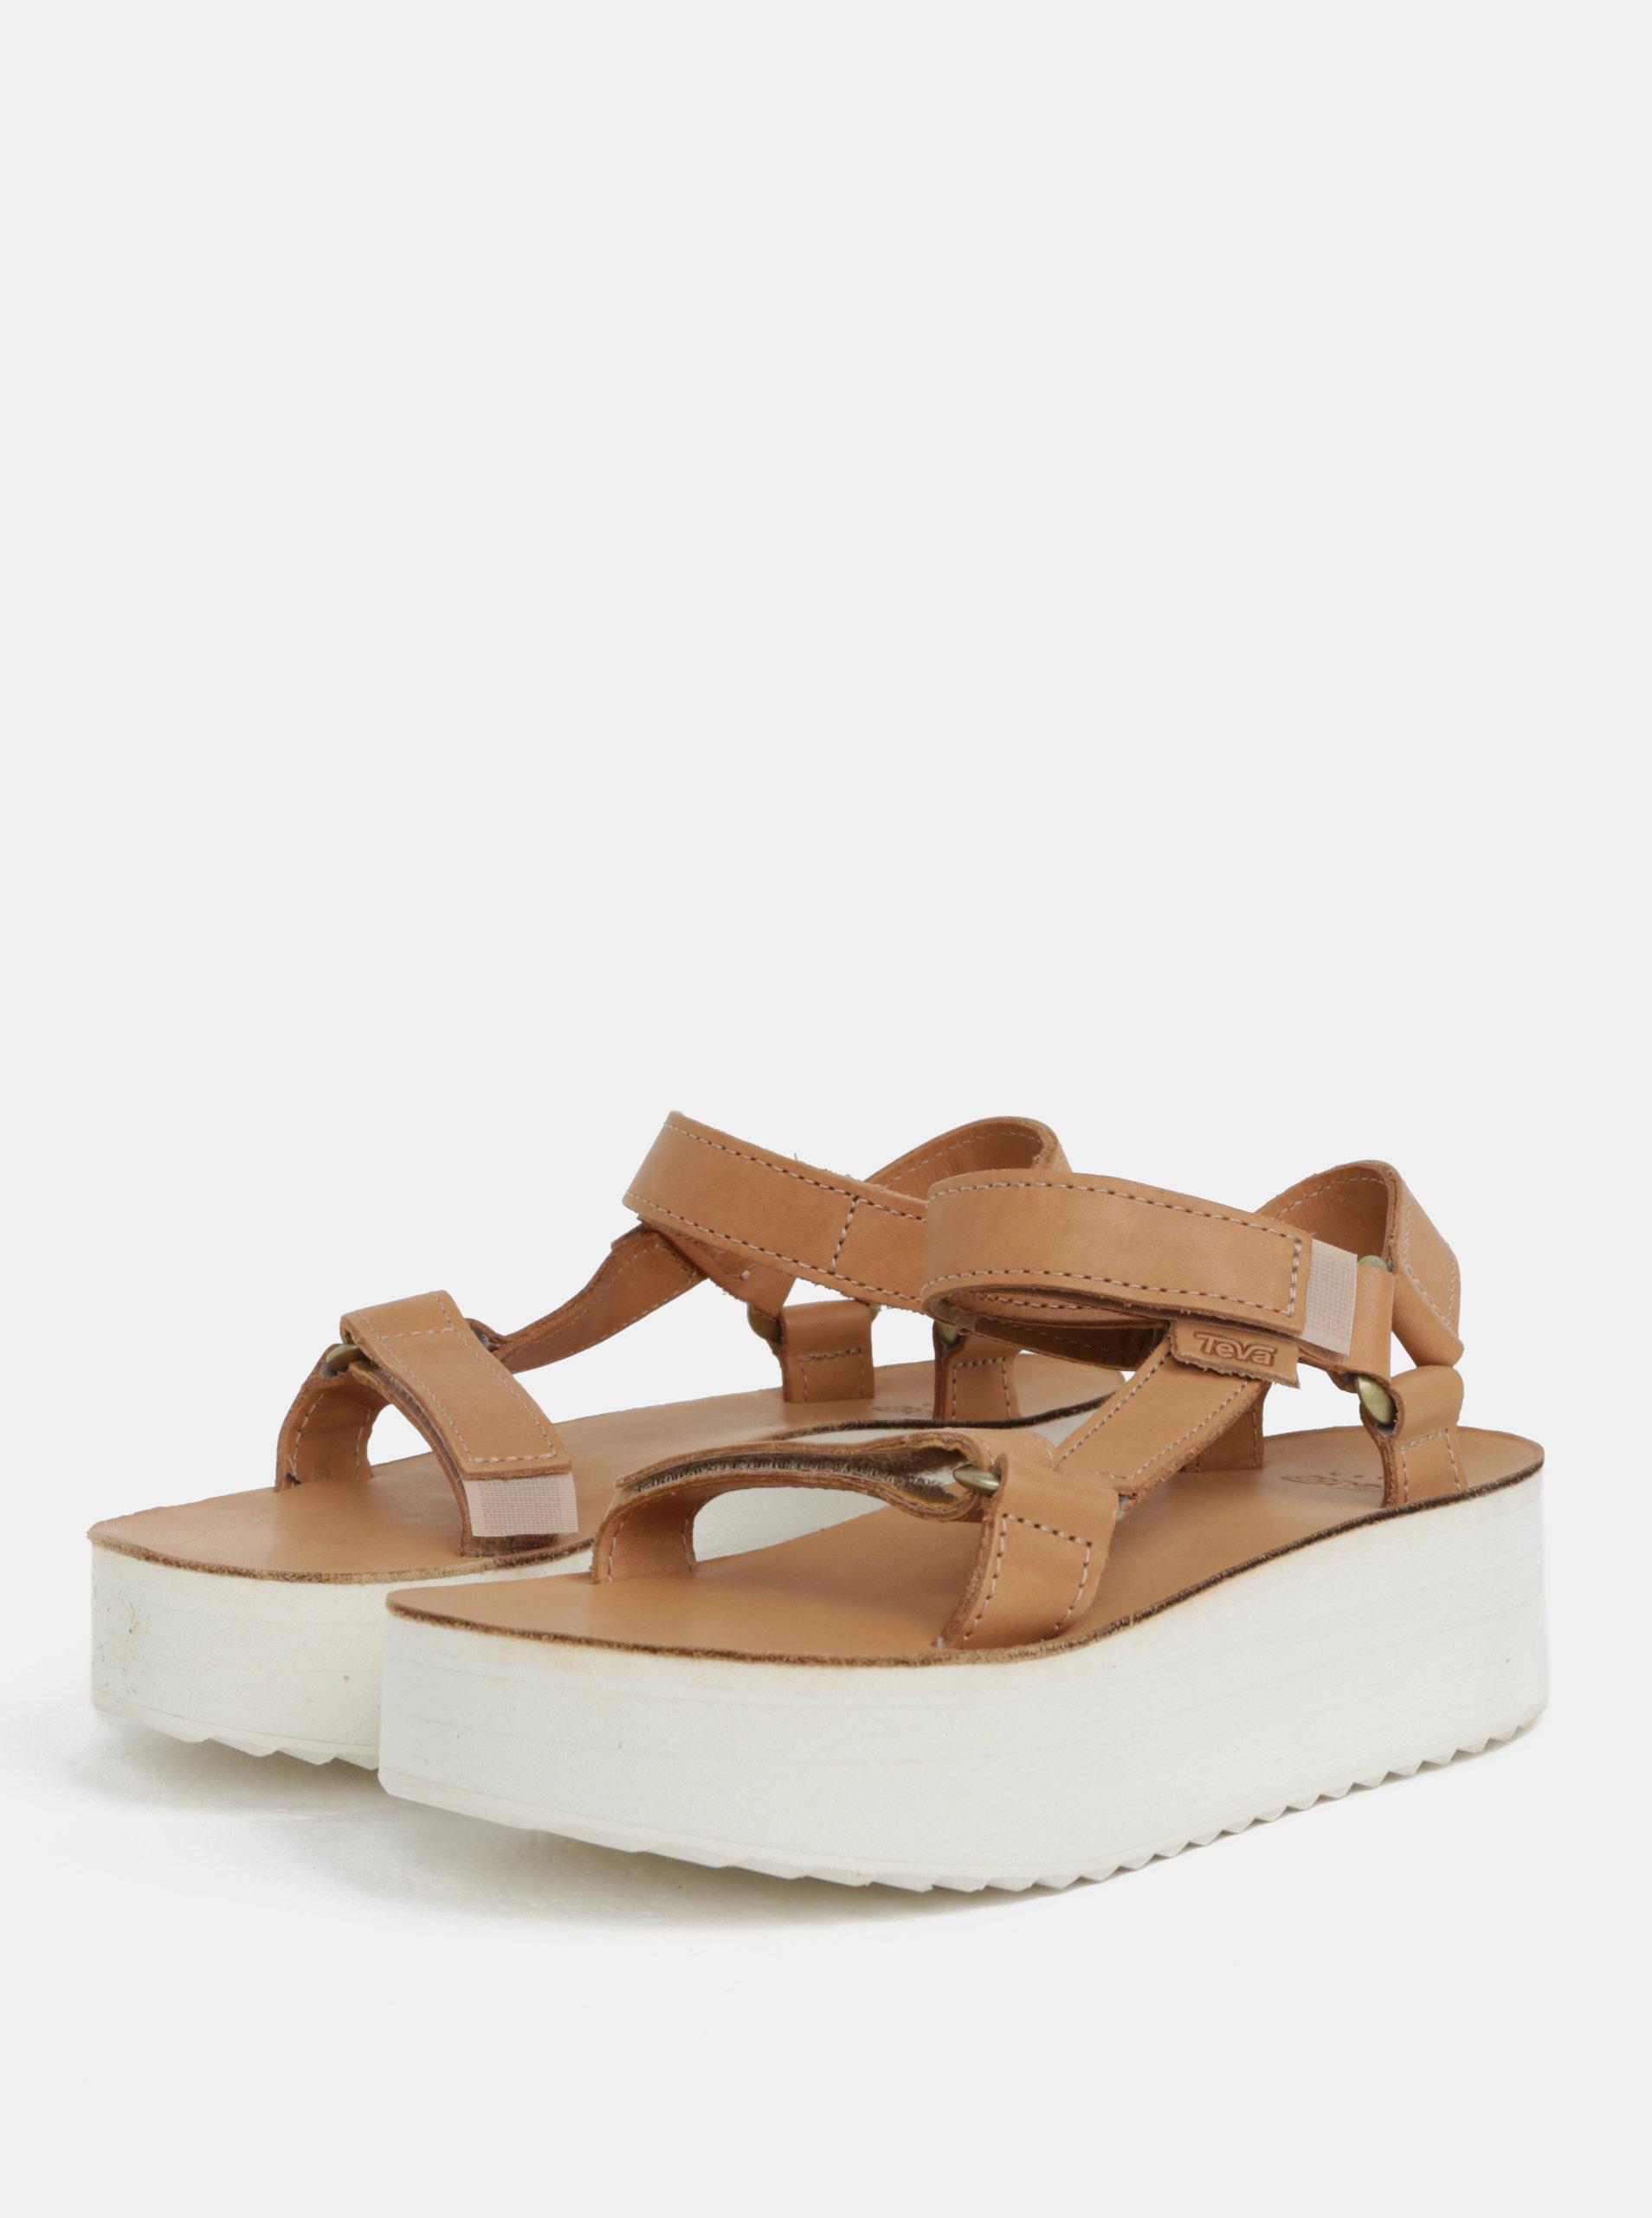 36ecbd851d3e Svetlohnedé dámske kožené sandále na platforme Teva ...